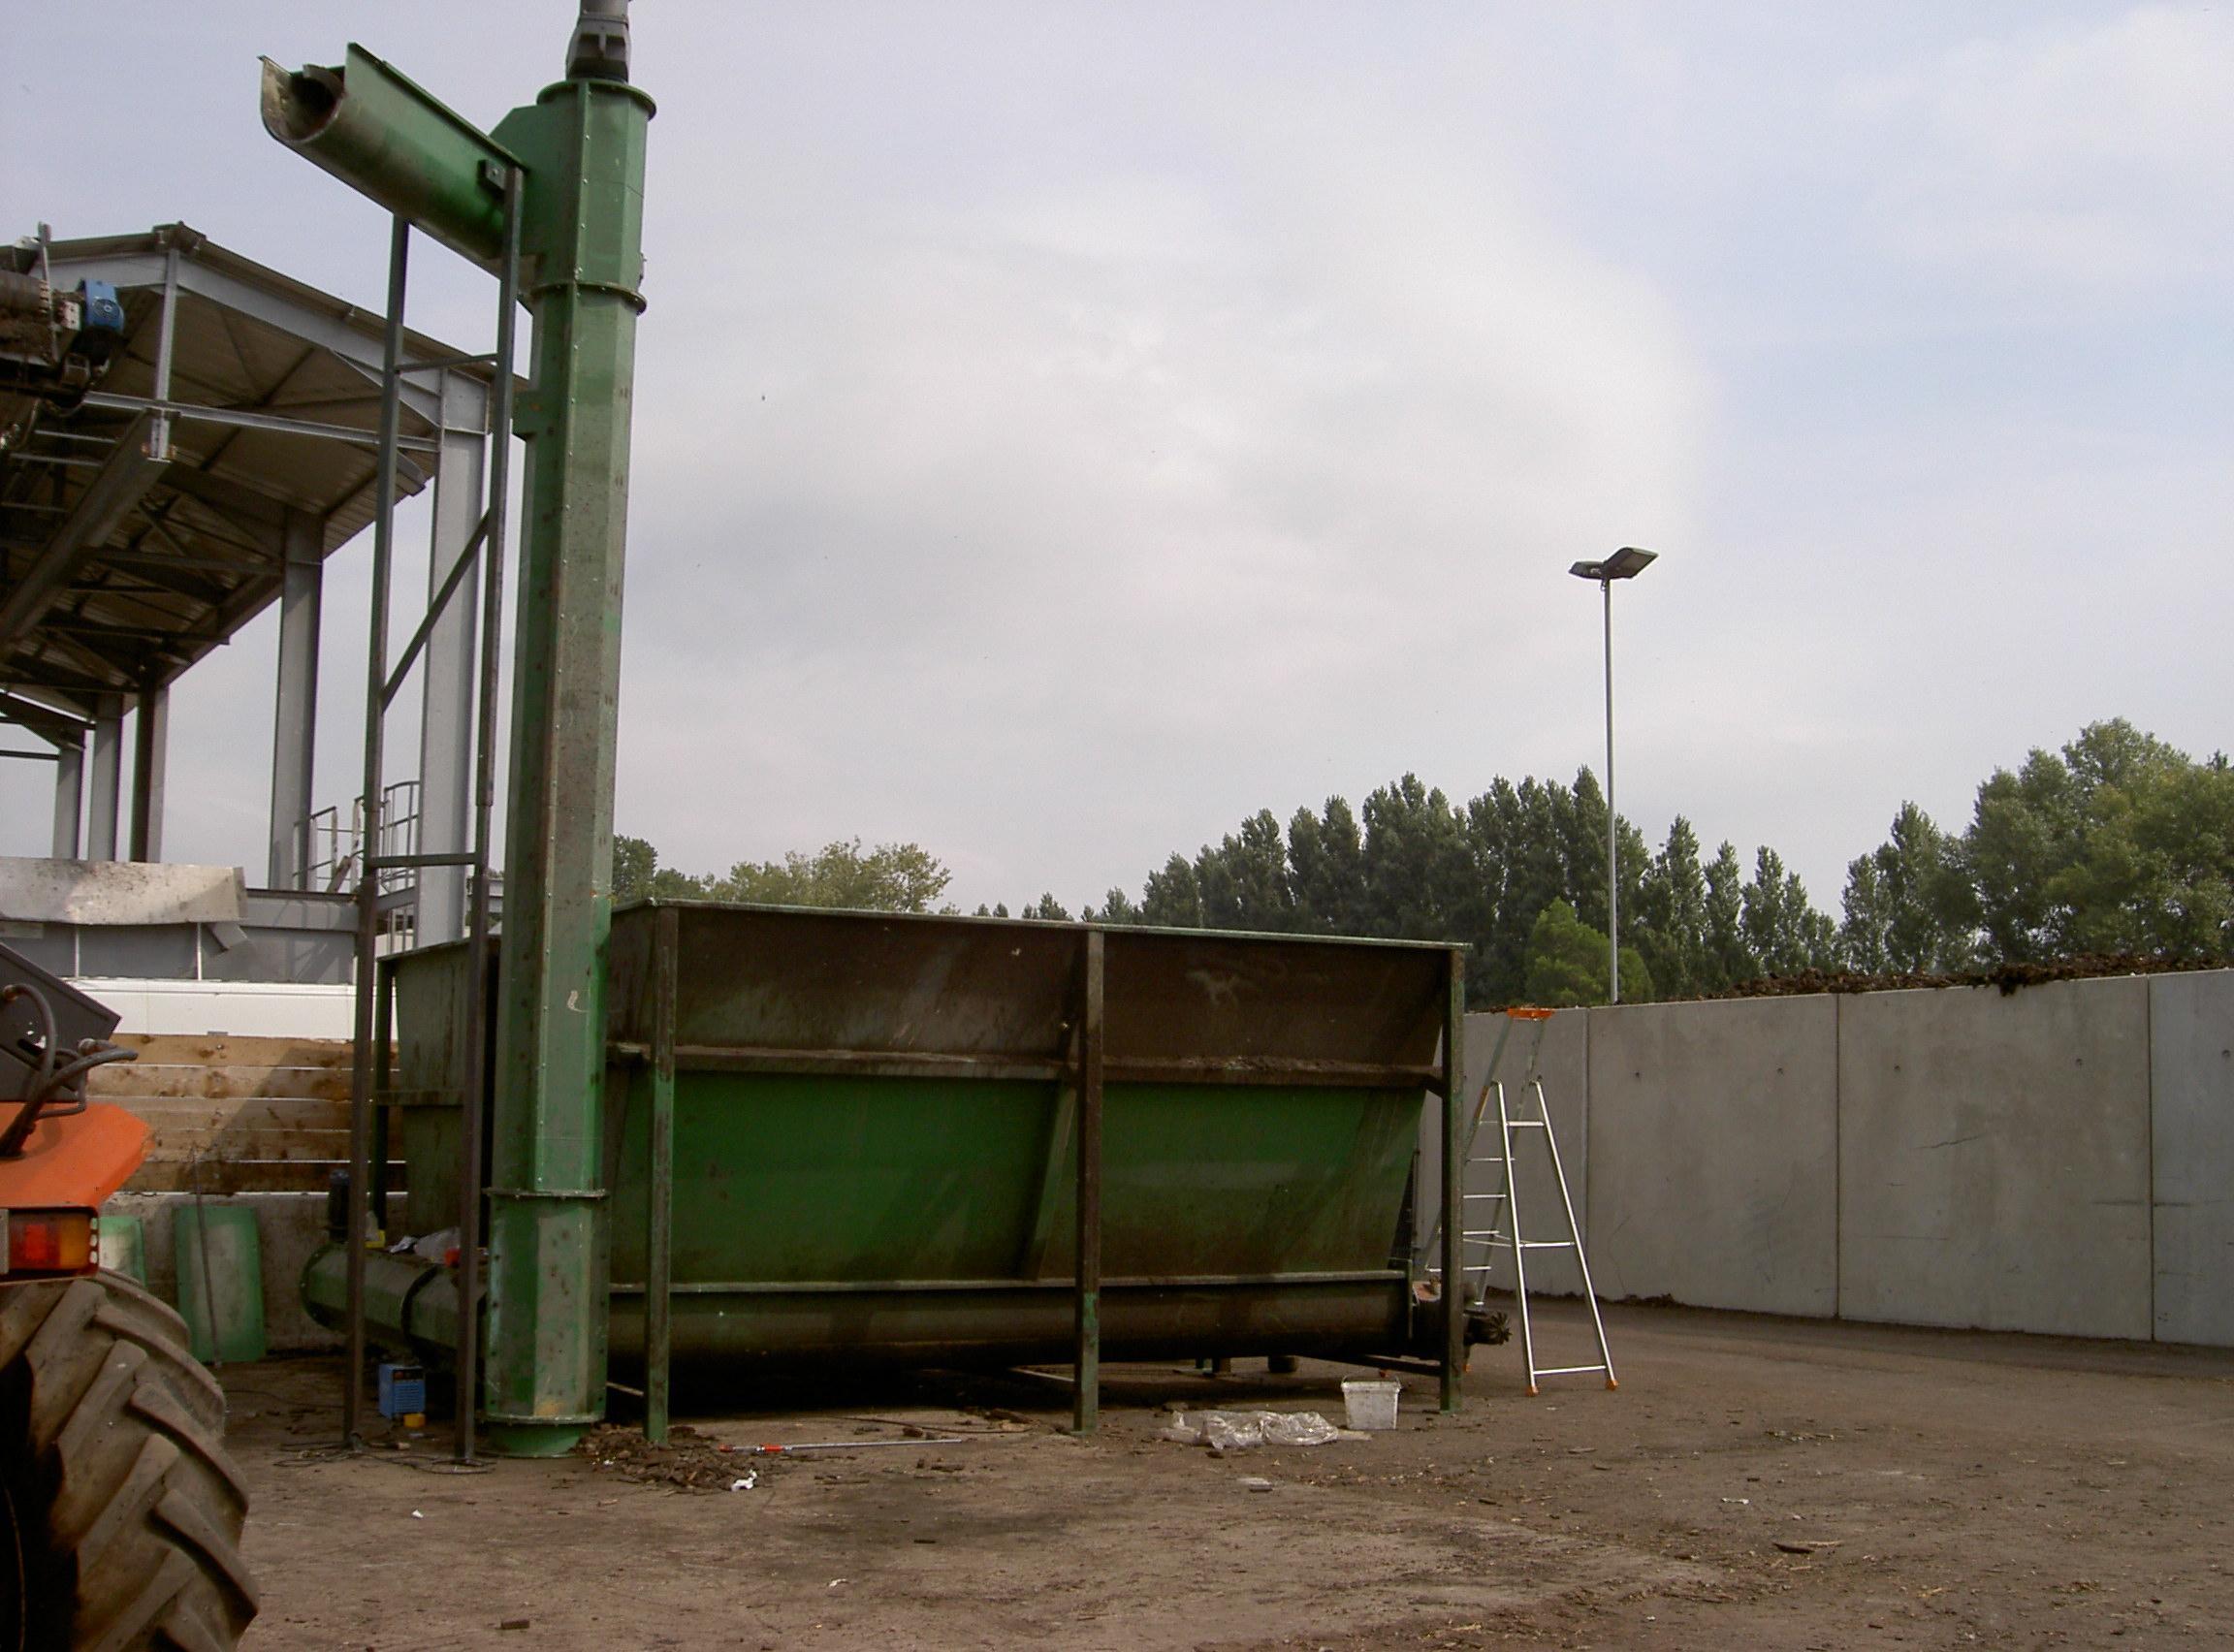 Systeme de compostage de boues et ecorces